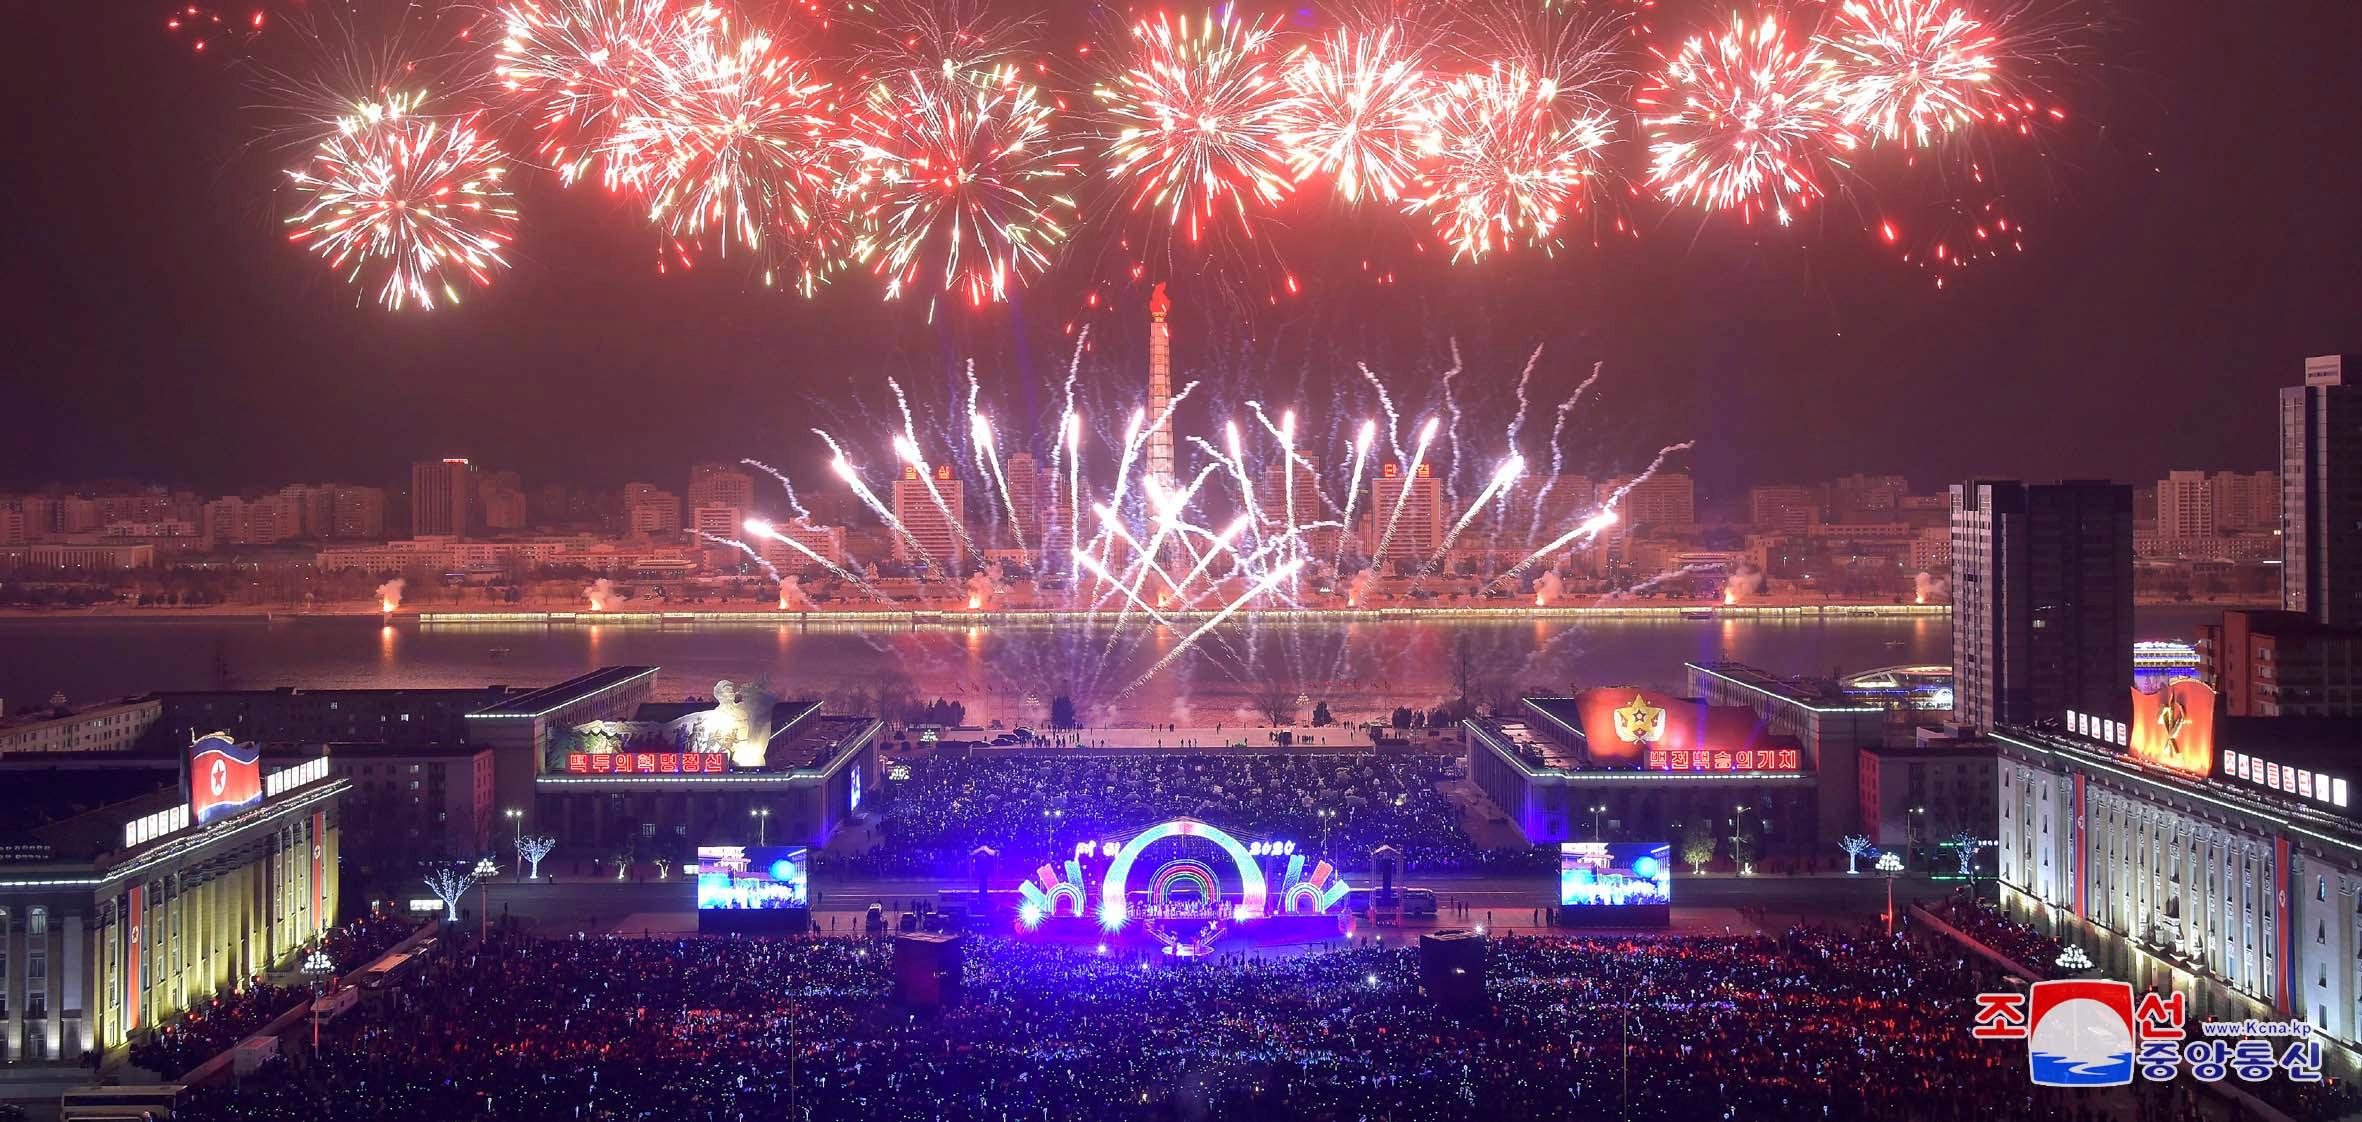 El régimen de Kim Jong-un organizó una gran celebración por Año Nuevo en Pyongyang (KCNA via REUTERS)